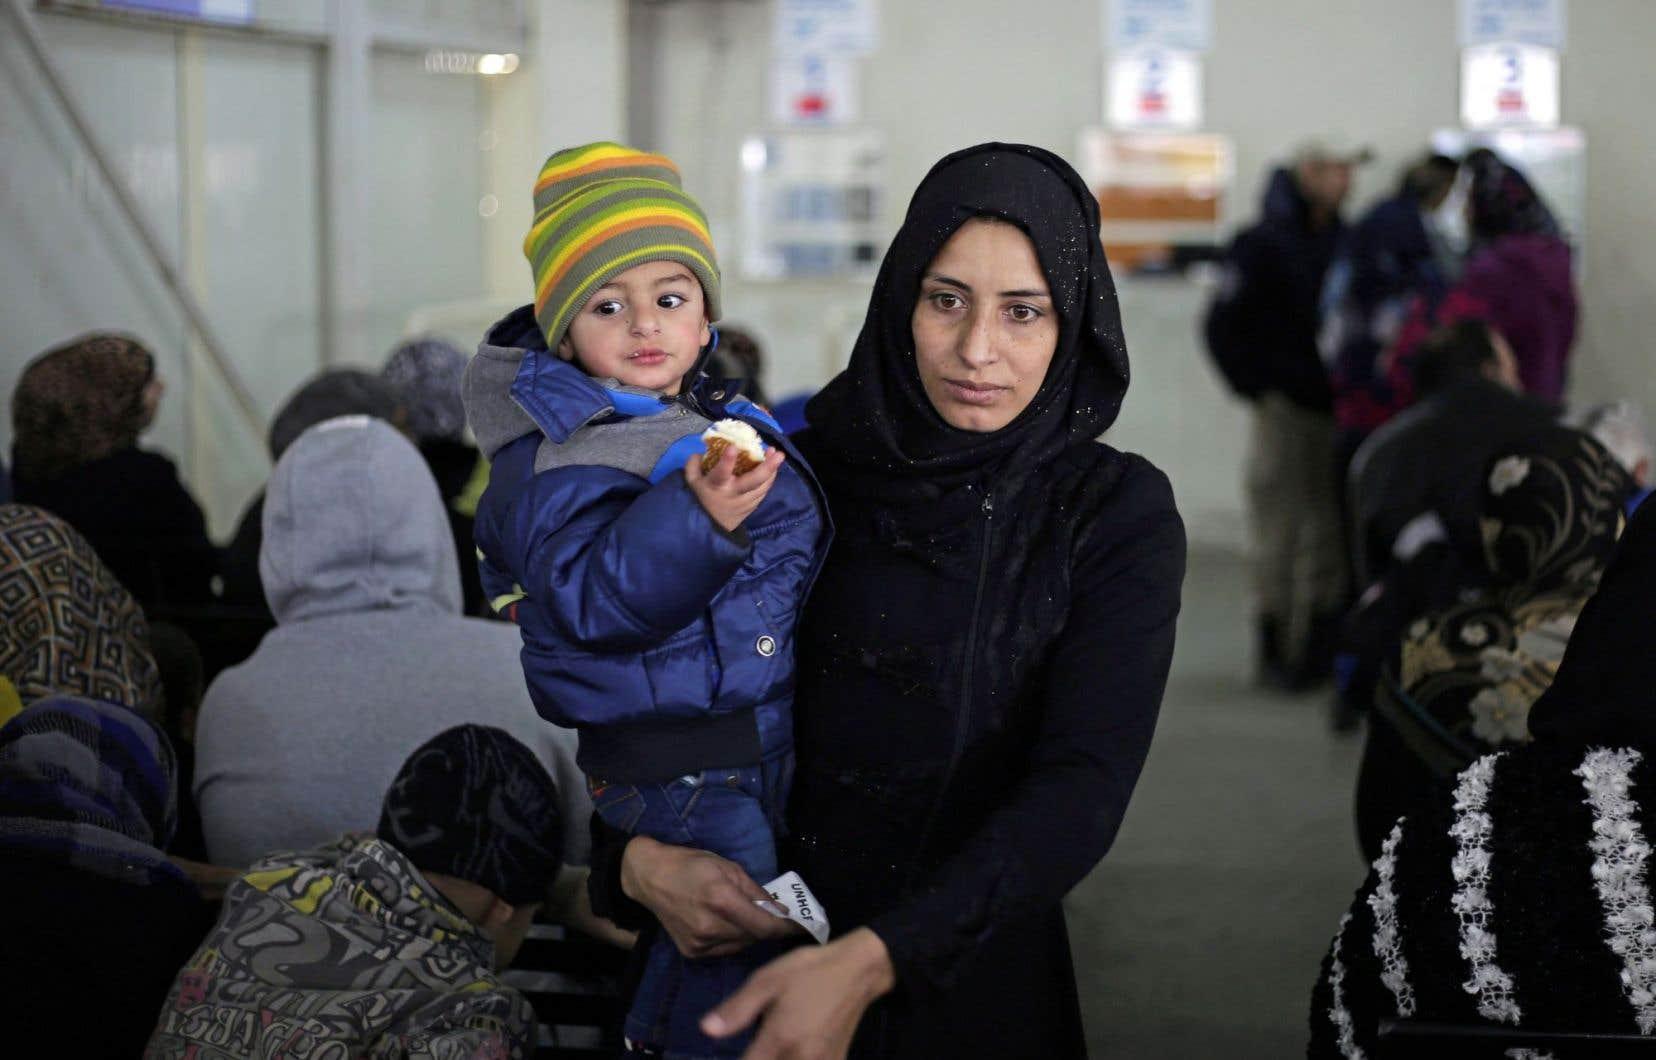 Une Syrienne attend avec son enfant pour s'enregistrer dans un bureau des Nations unies à Beyrouth, au Liban.